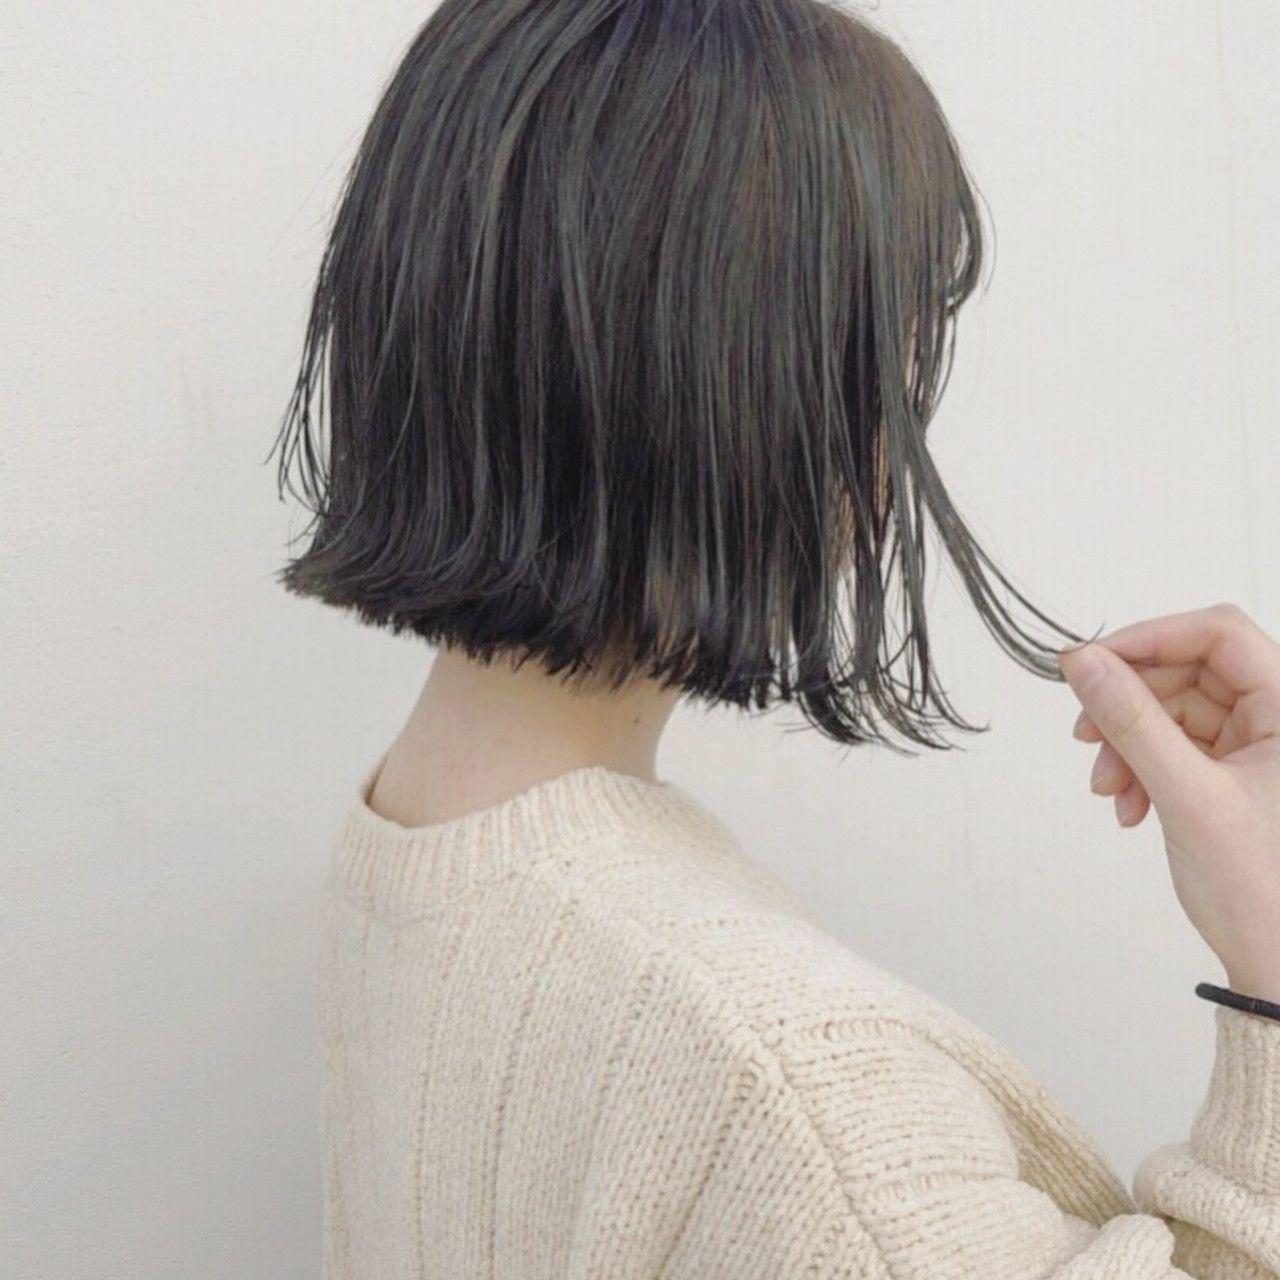 グレー系髪色に迷ってる女子注目 暗め 明るめまで旬のヘアカラー集